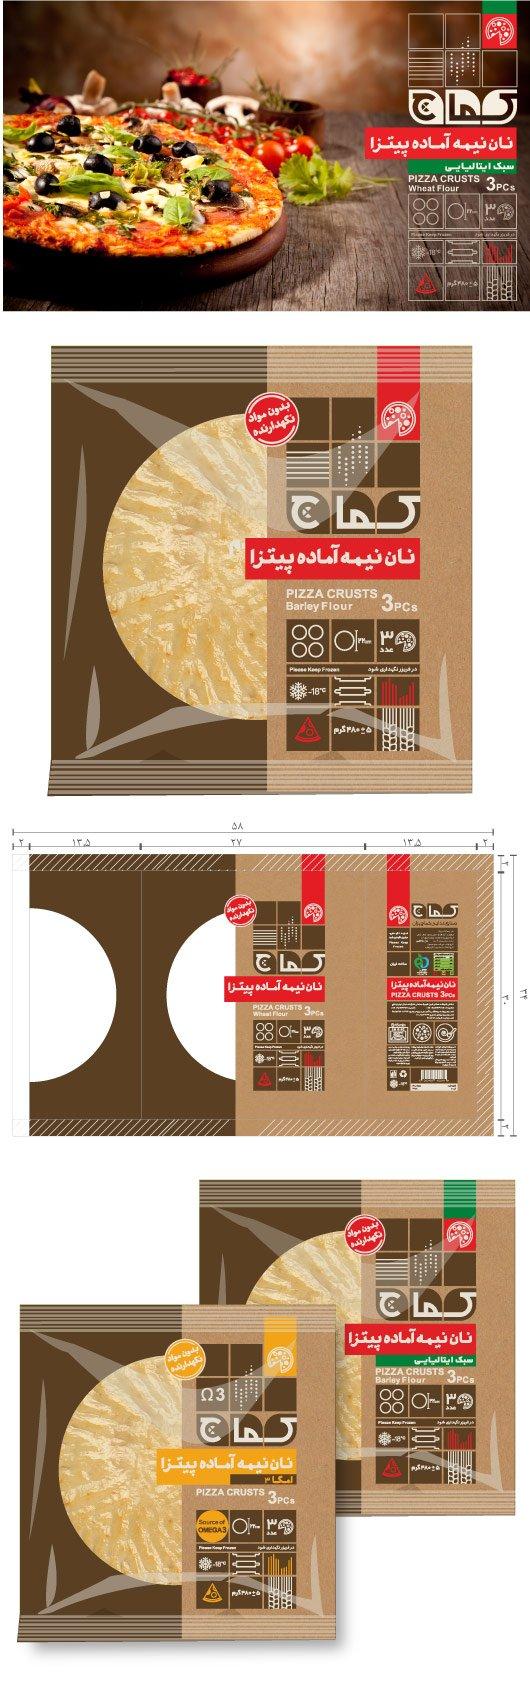 7 - طراحی برند و هویت بصری برند نان کماچ